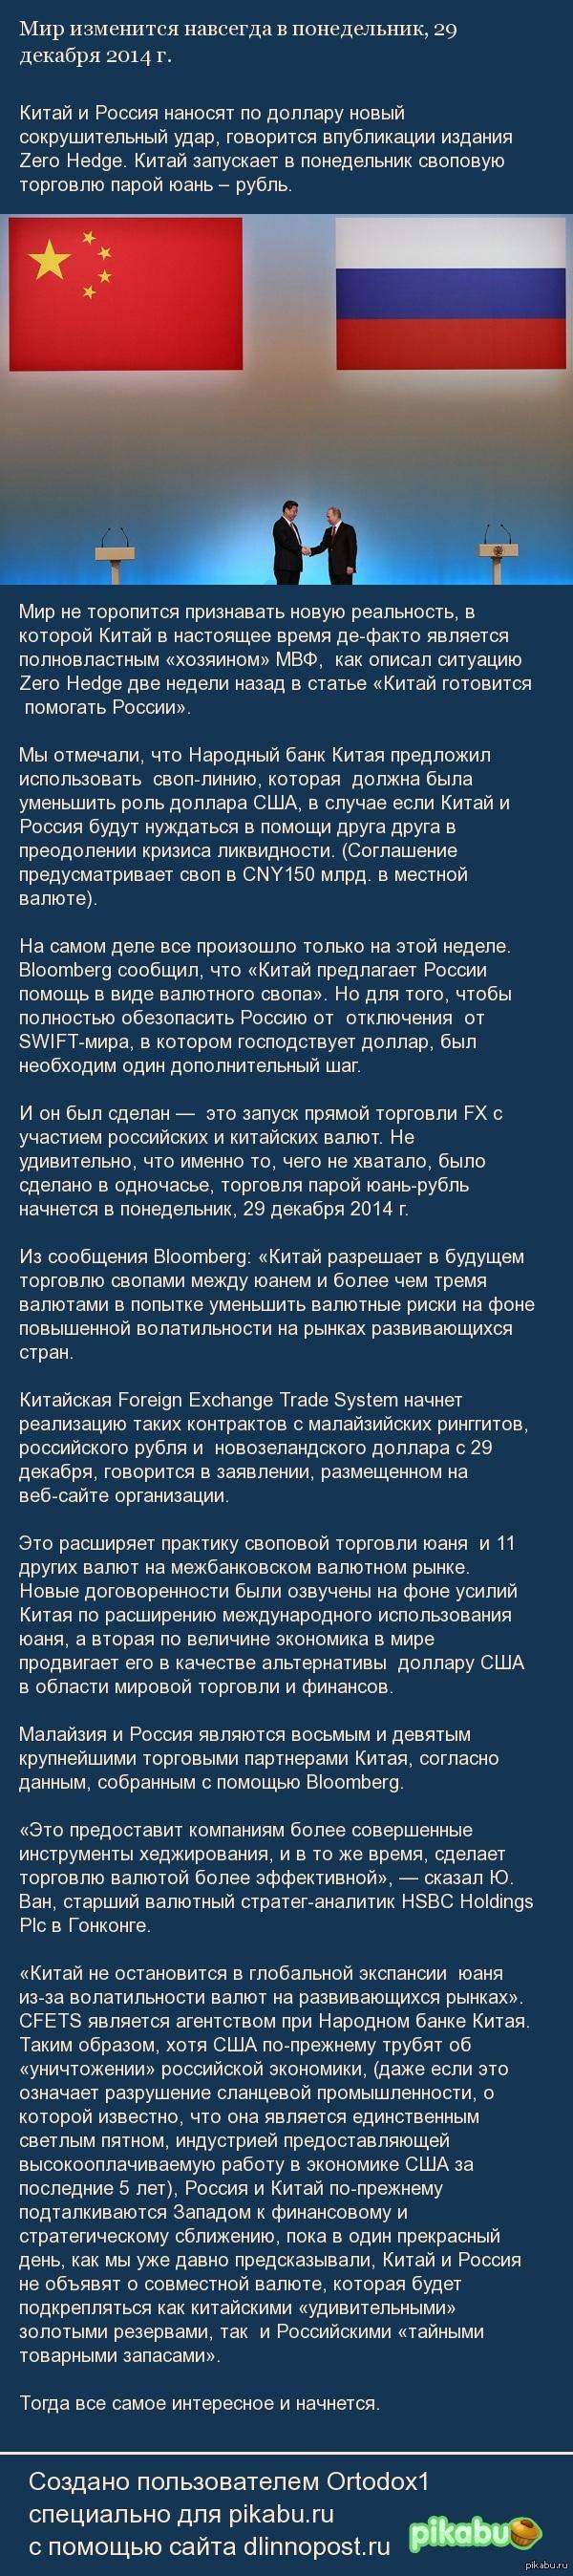 Китай запускает в понедельник своповую торговлю парой юань – рубль.Для того,чтобы полностью обезопасить Россию от  отключения  от SWIFT-мира ,в котором господствует доллар,был необходим один дополнительный шаг.И он был сделан —  это запуск прямой торговли FX с участием российских и китайских валют.